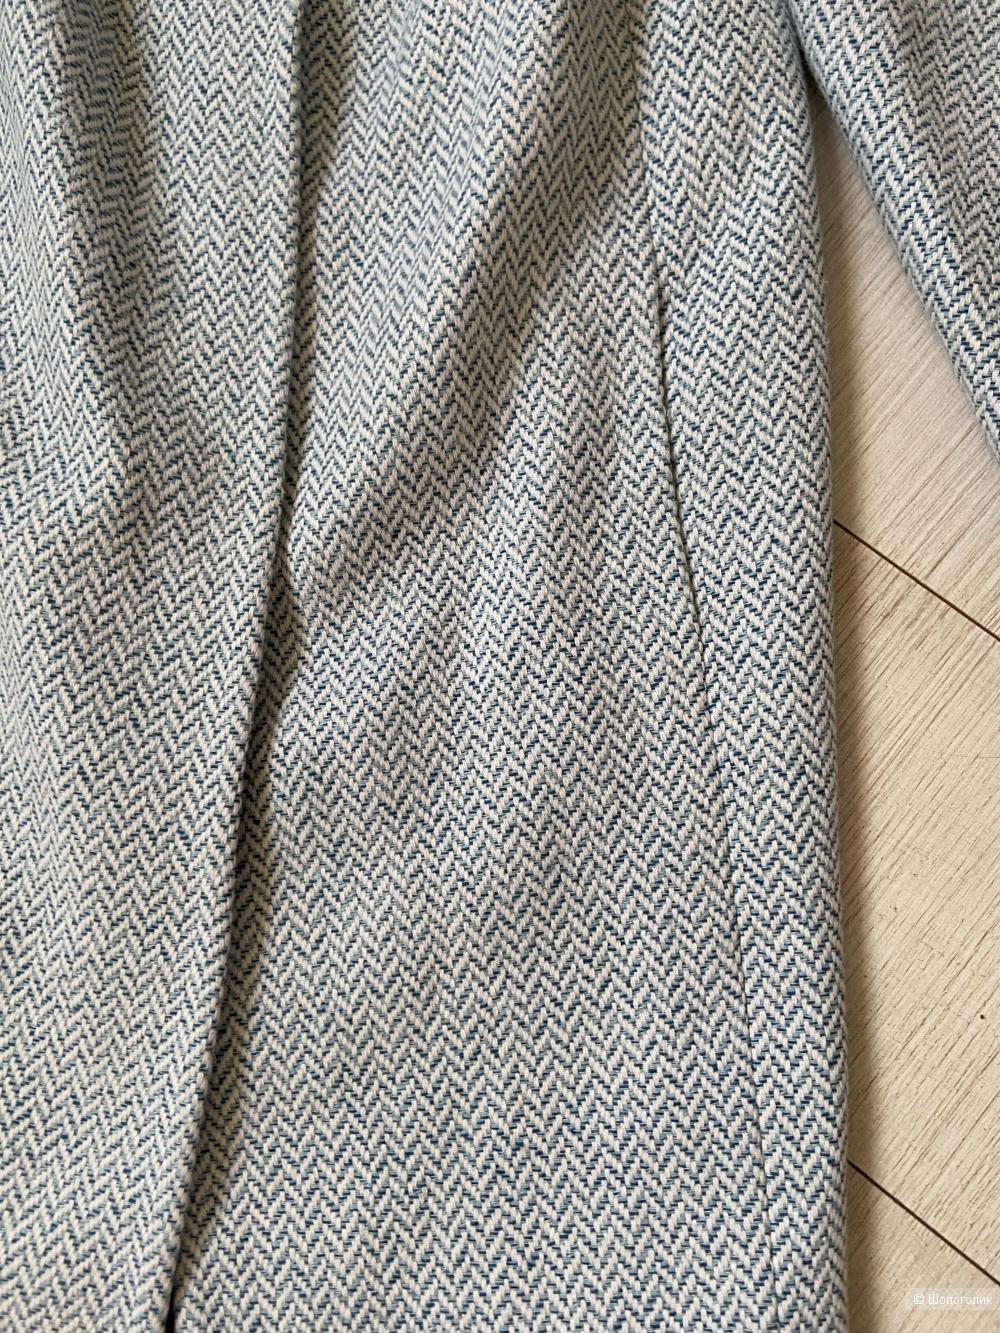 Пальто Le сhic classique, размер 40-42